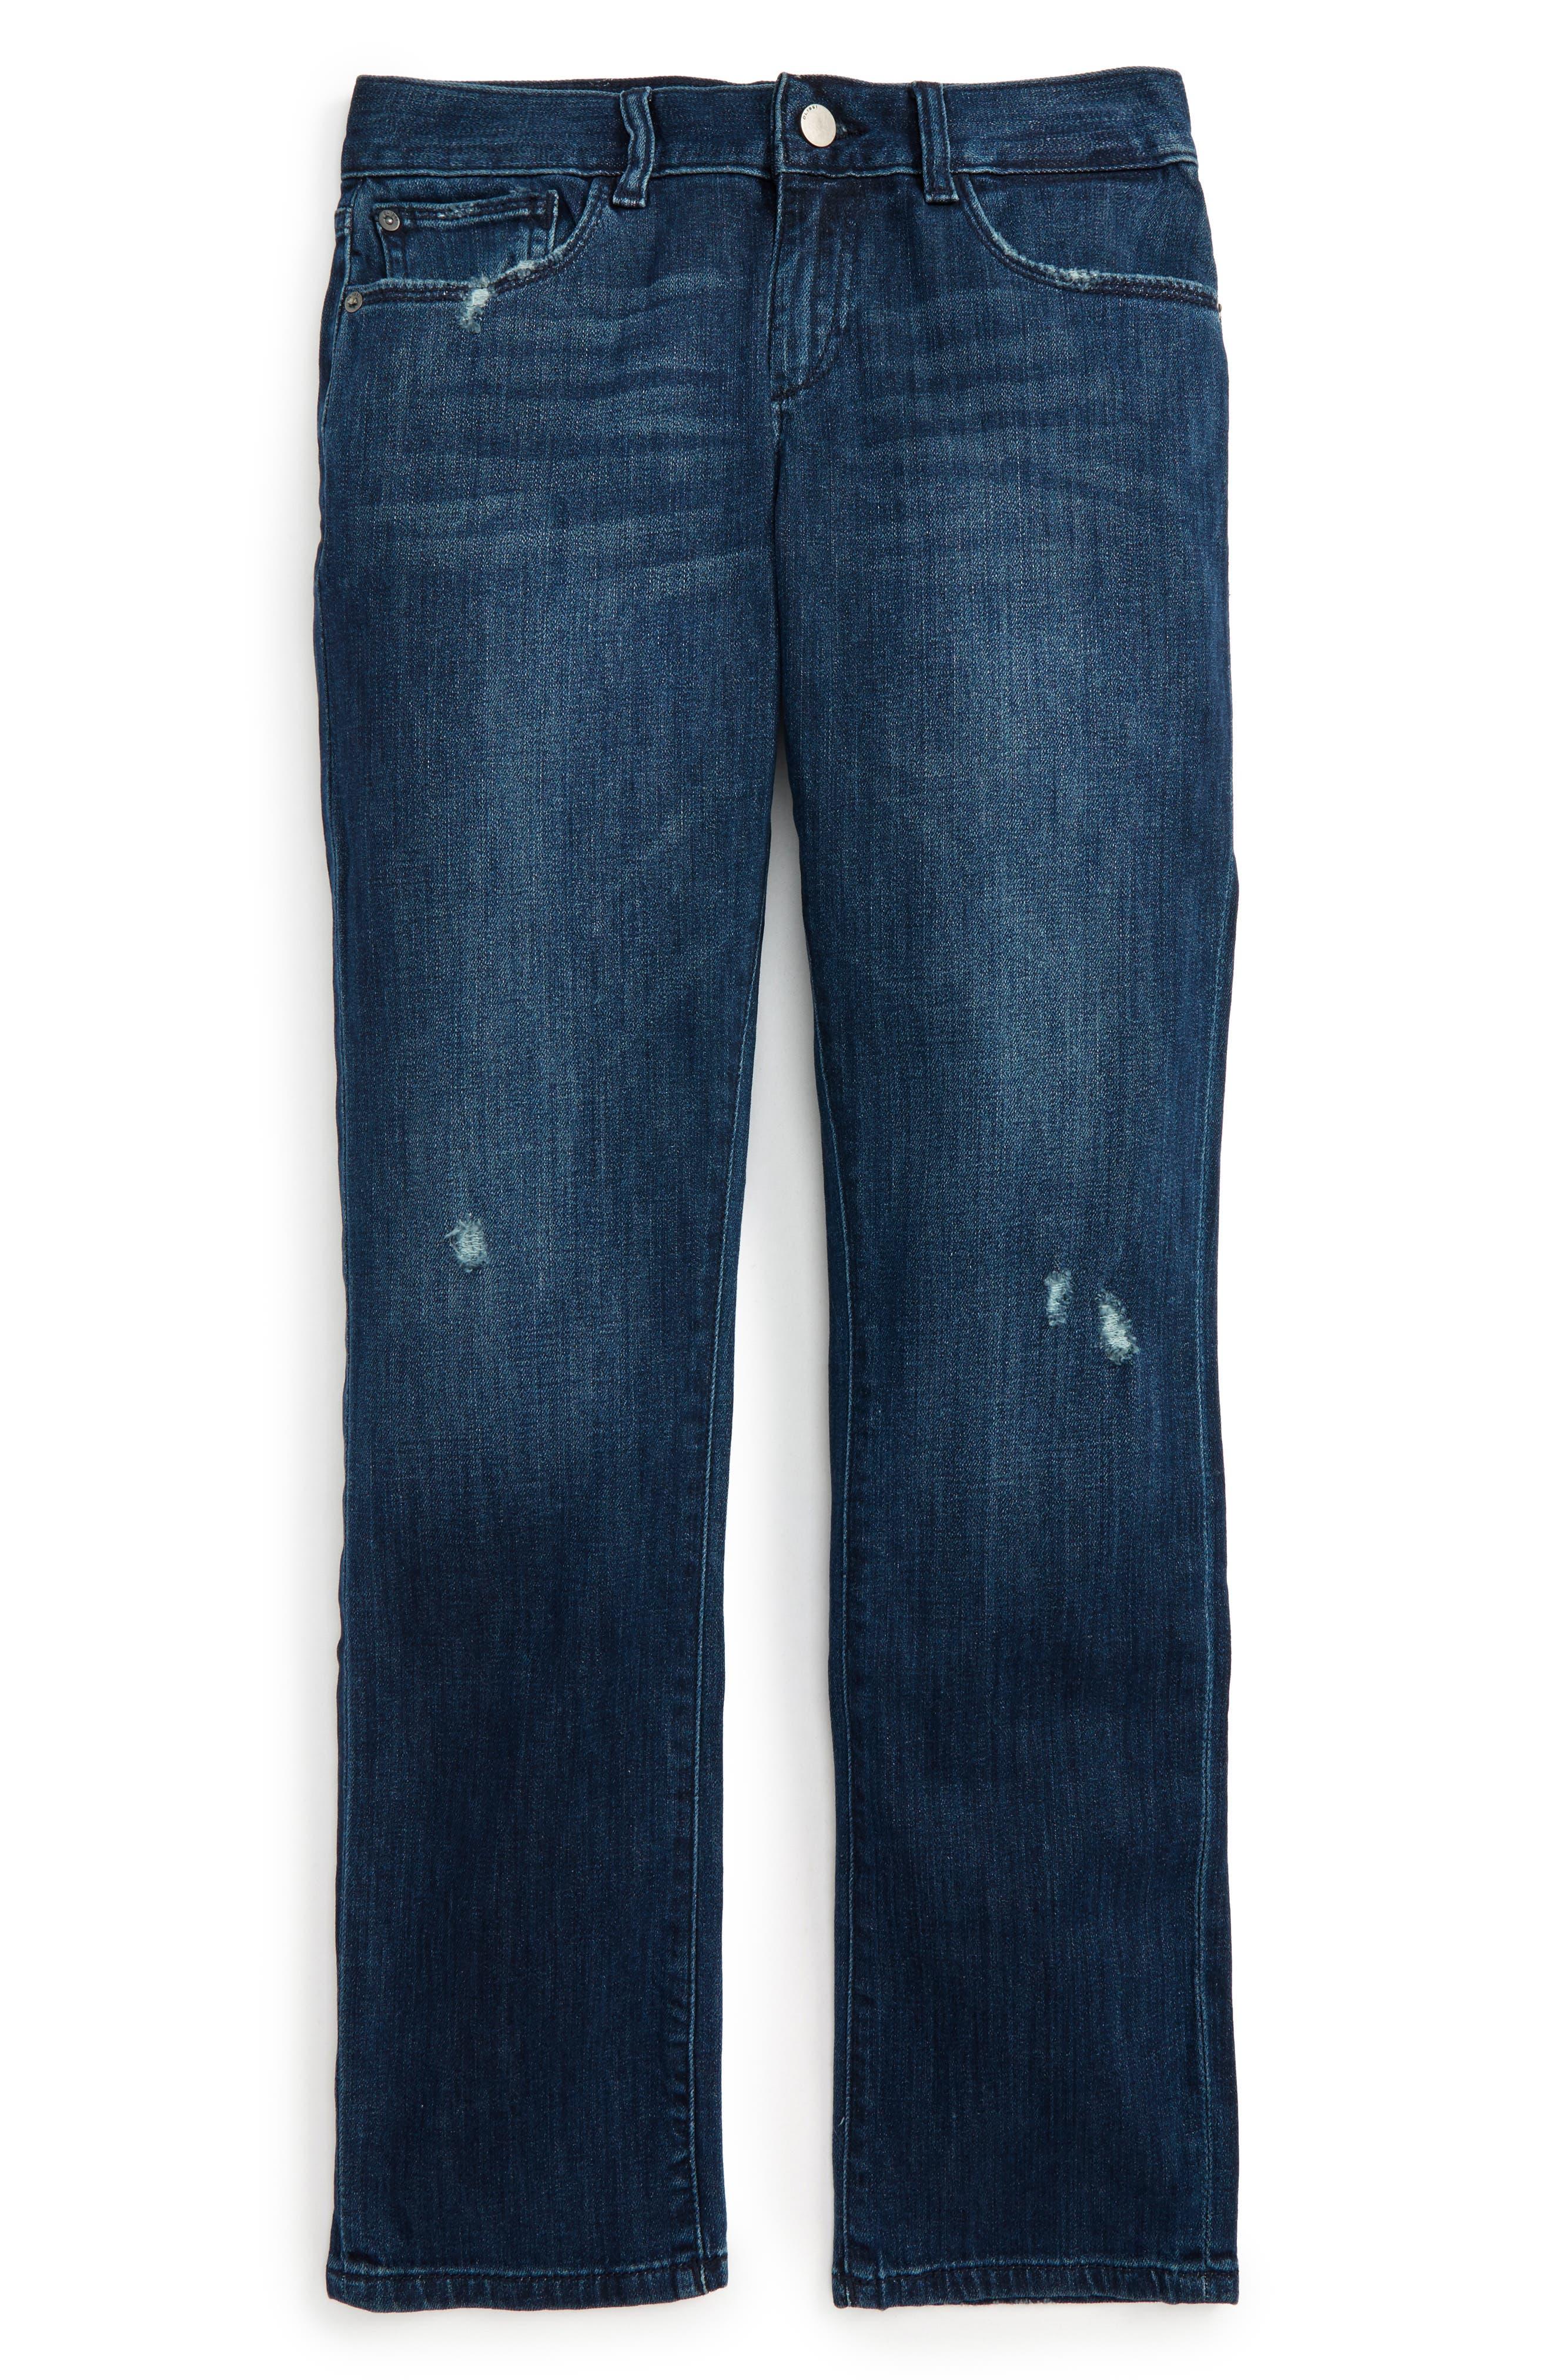 Brady Slim Fit Jeans,                             Main thumbnail 1, color,                             405